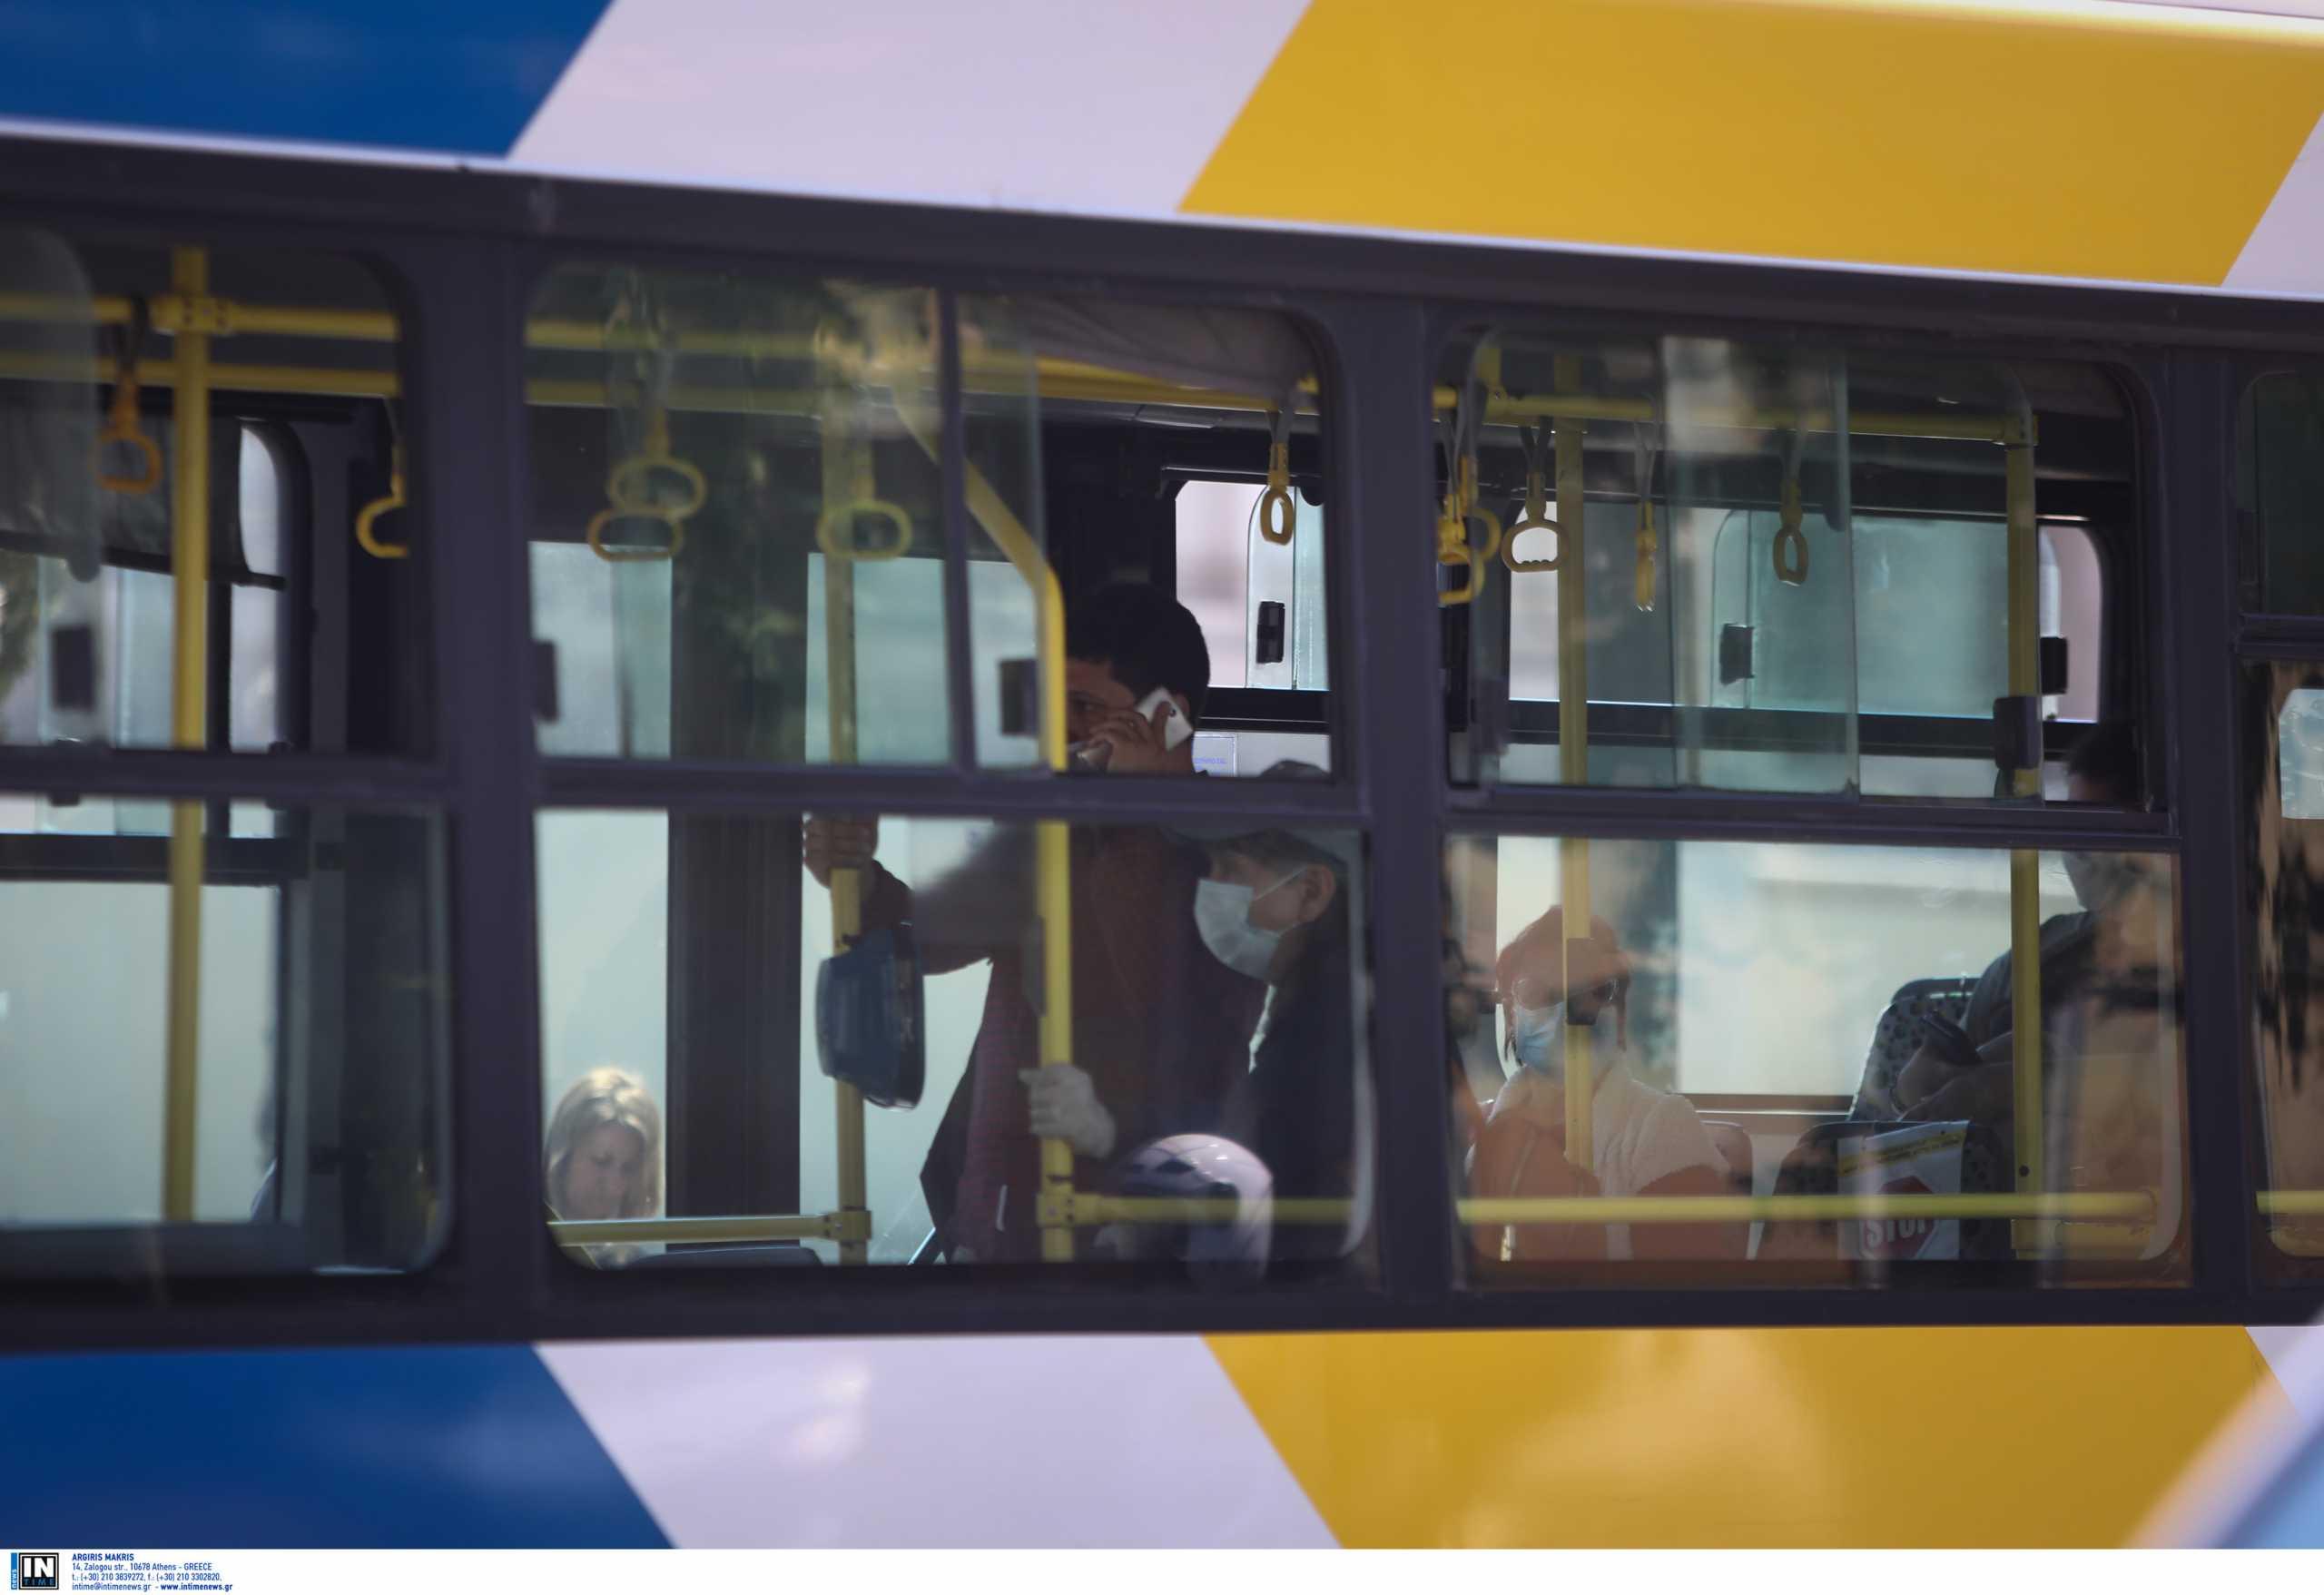 Μέσα Μαζικής Μεταφοράς: Έρχονται οι επιβάτες «κατάσκοποι» – Ποιος θα είναι ο ρόλος τους